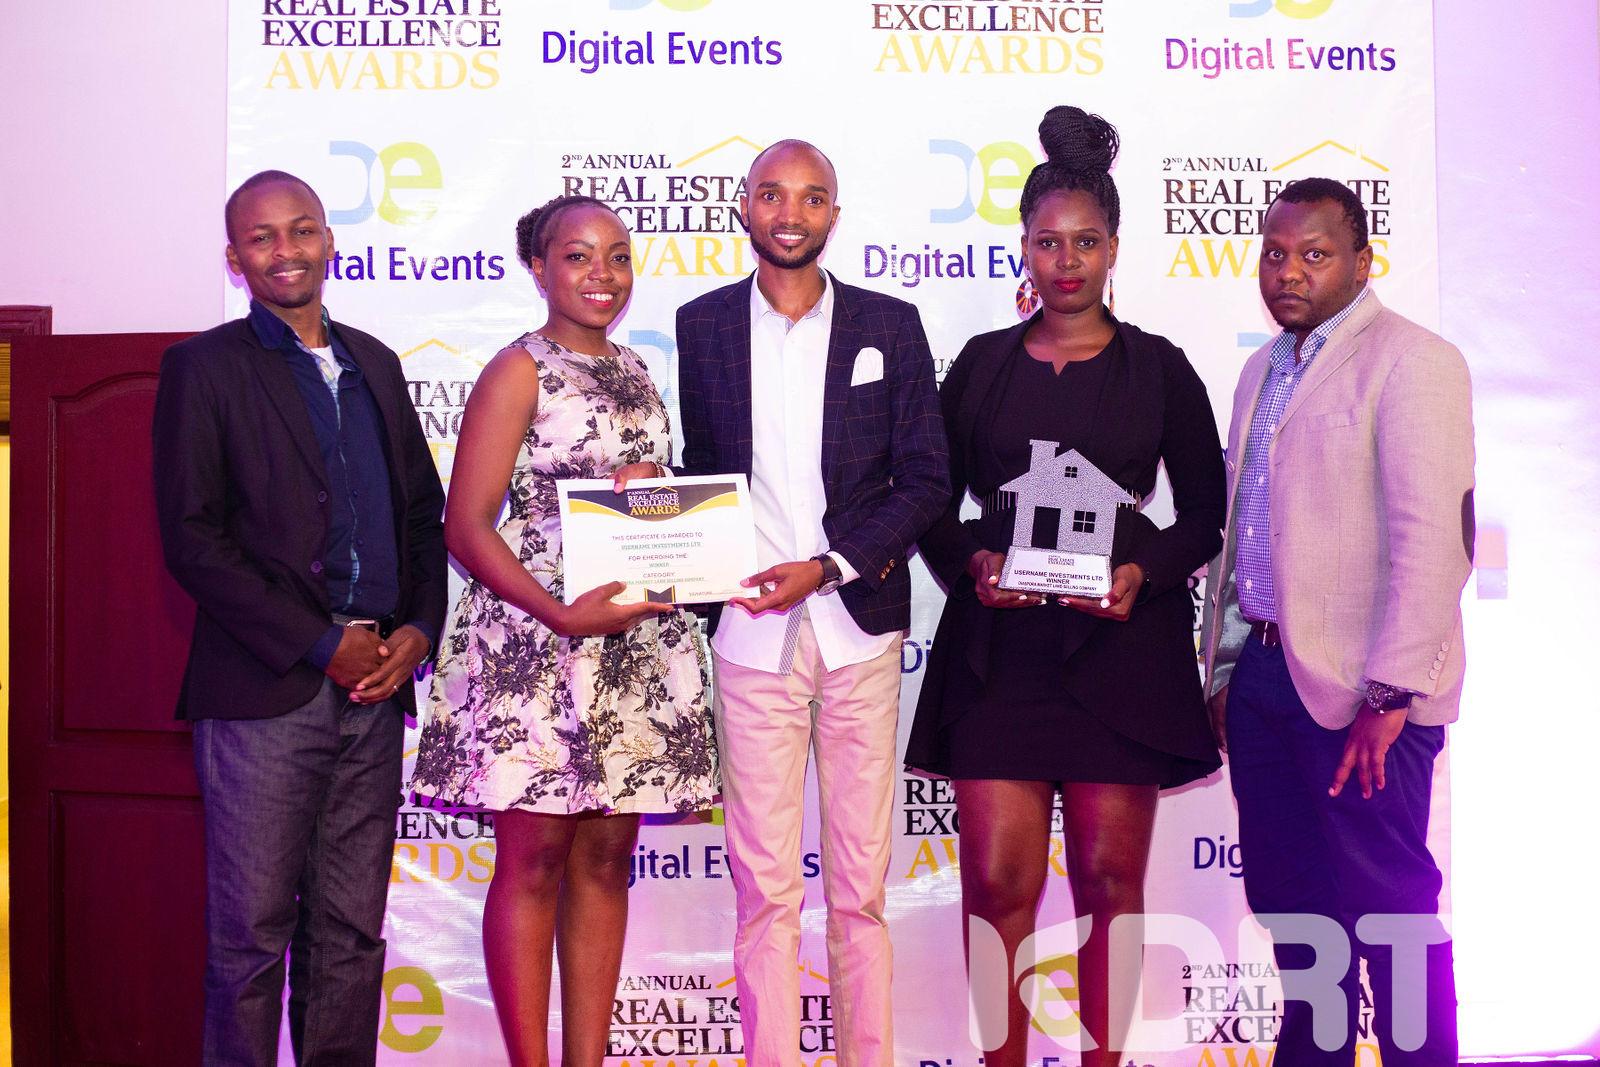 2019 REAL ESTATE EXCELLENCE AWARDS - KDRTV